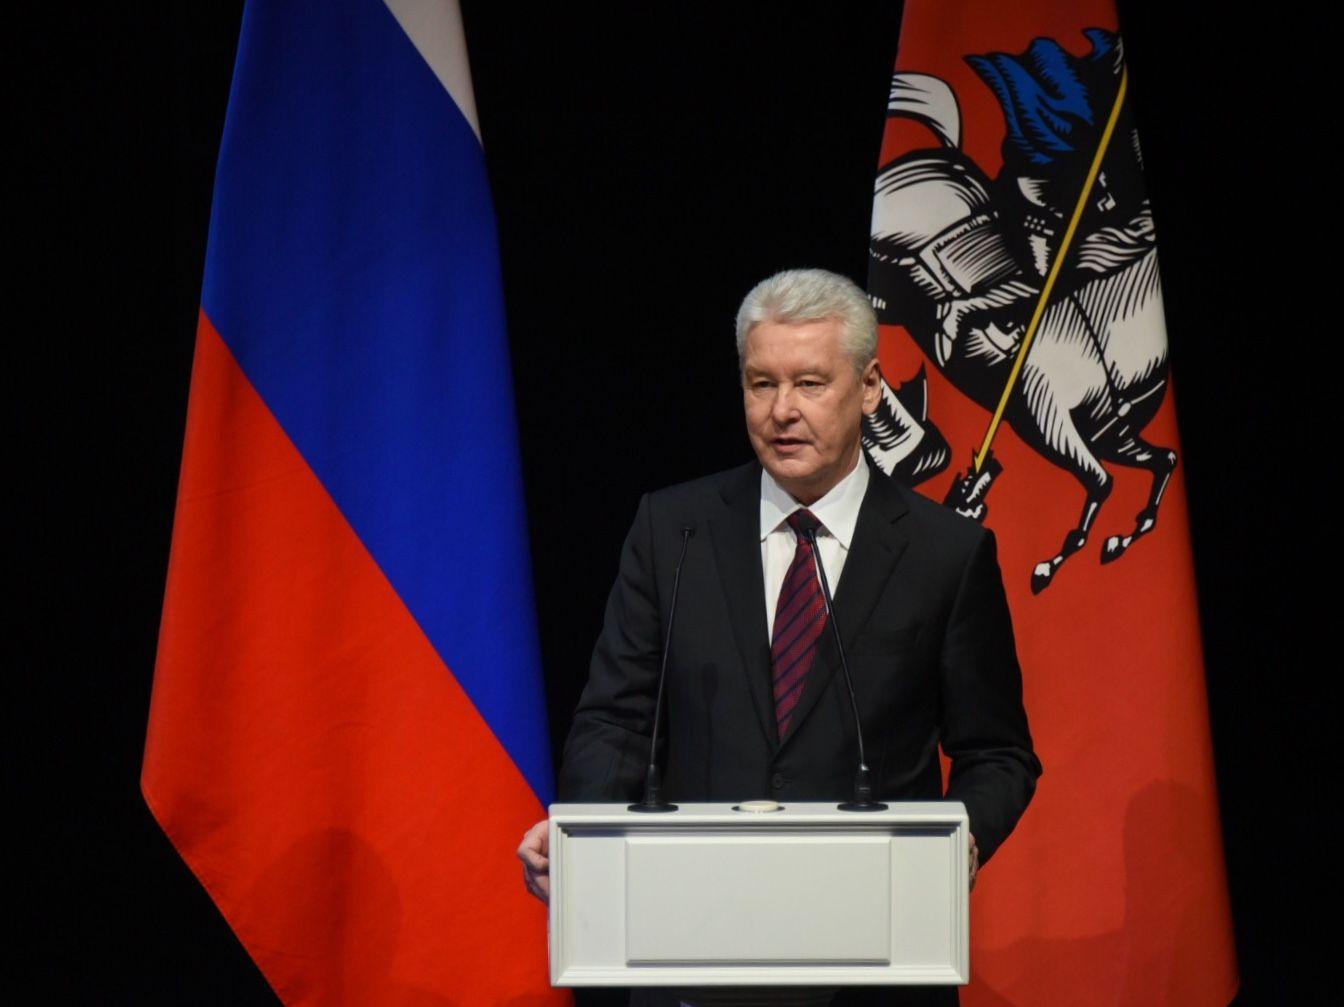 Сергей Собянин подписал постановление о водопроводе в Новой Москве